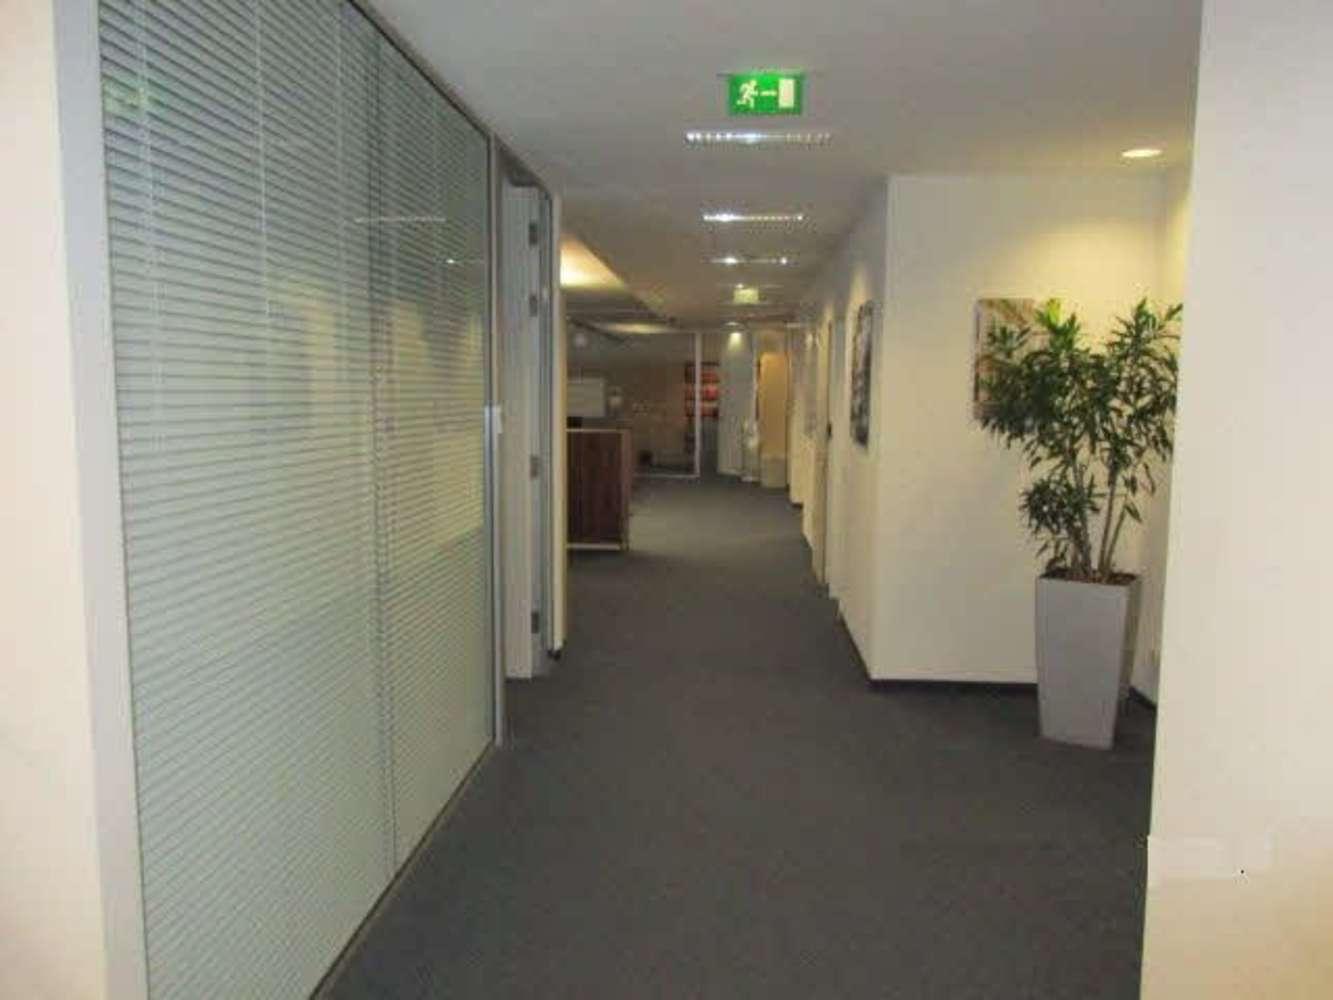 Büros Frankfurt am main, 60311 - Büro - Frankfurt am Main, Innenstadt - F1392 - 10563683